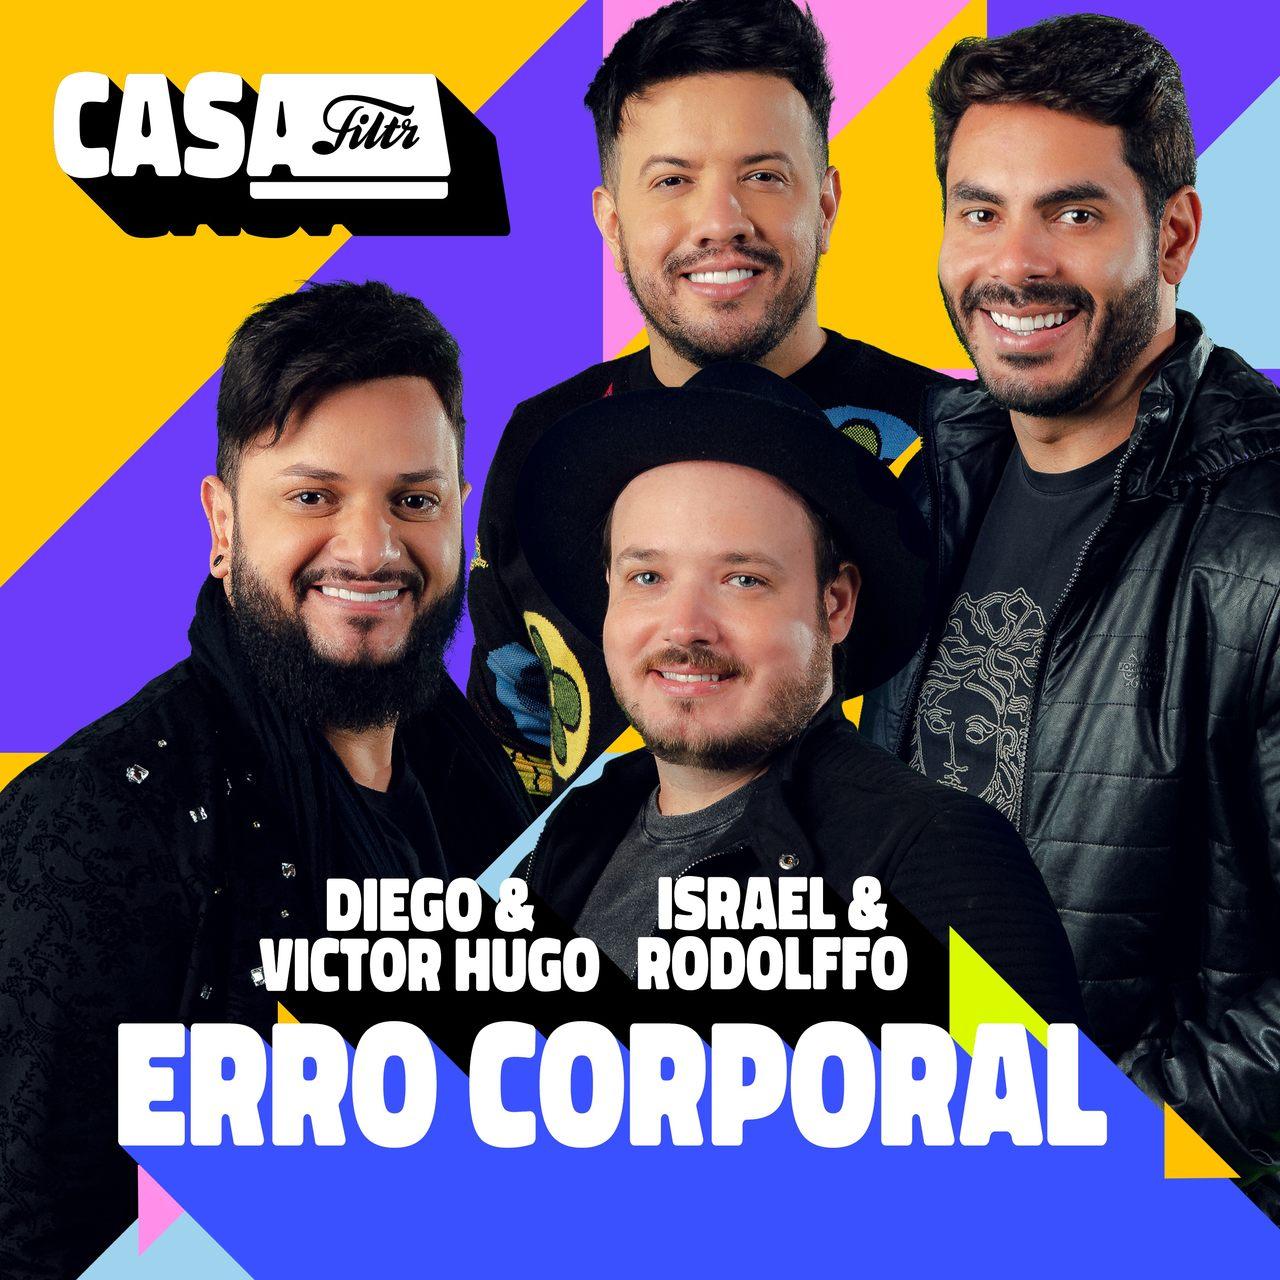 """Diego & Victor Hugo e Israel & Rodolffo se unem pela primeira vez na música inédita """"Erro Corporal"""" 42"""